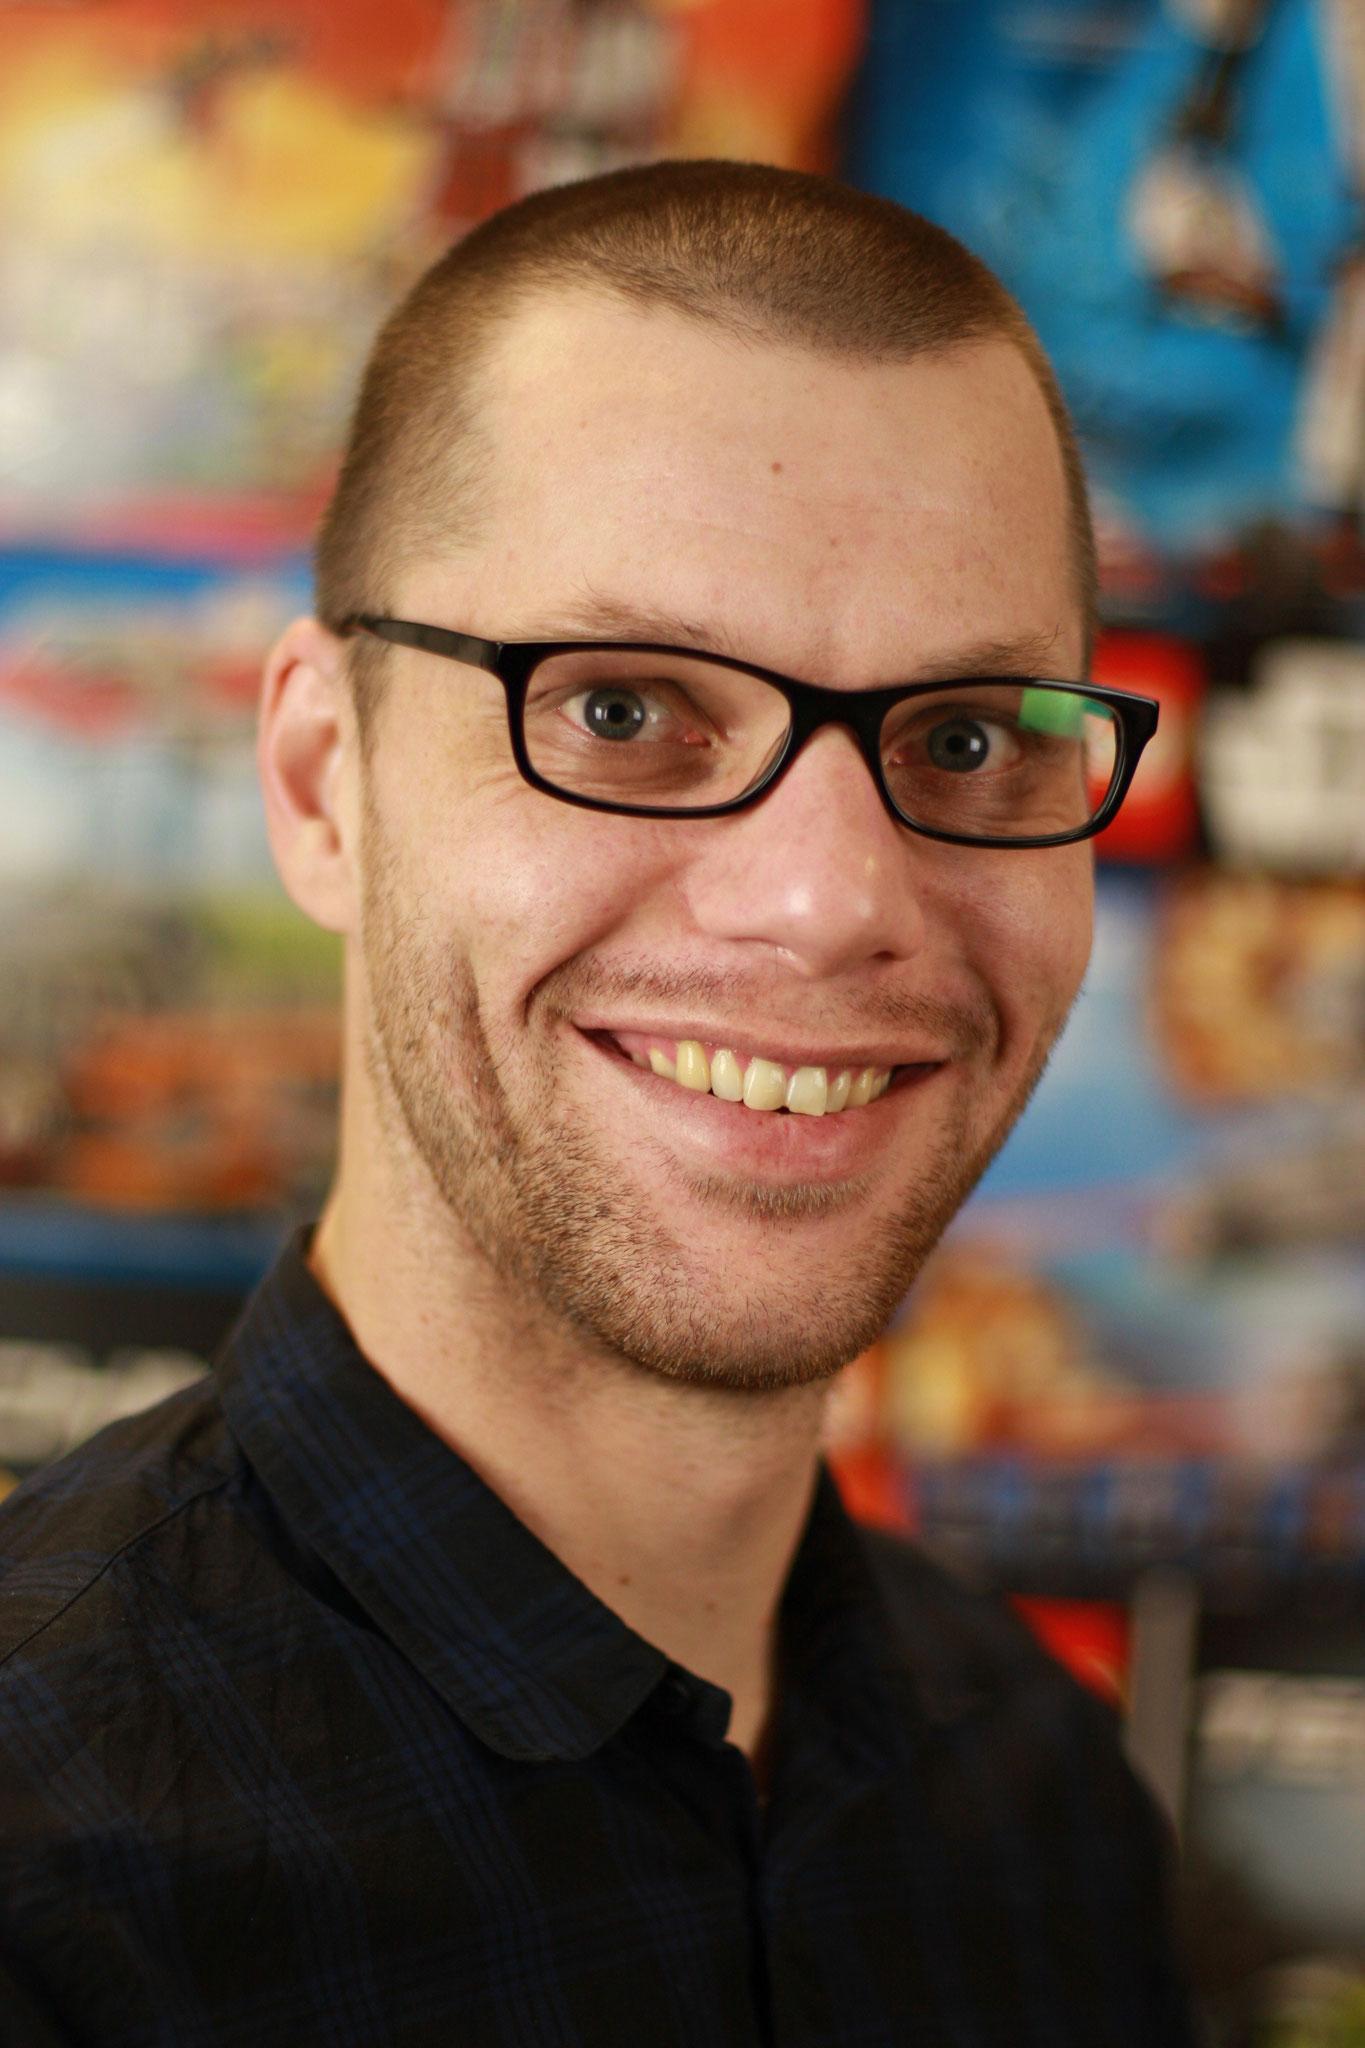 Sebastian - Steinreicher Inhaber. Füttert den Online-Shop mit neuen Teilen und hält seine Leute bei Laune.